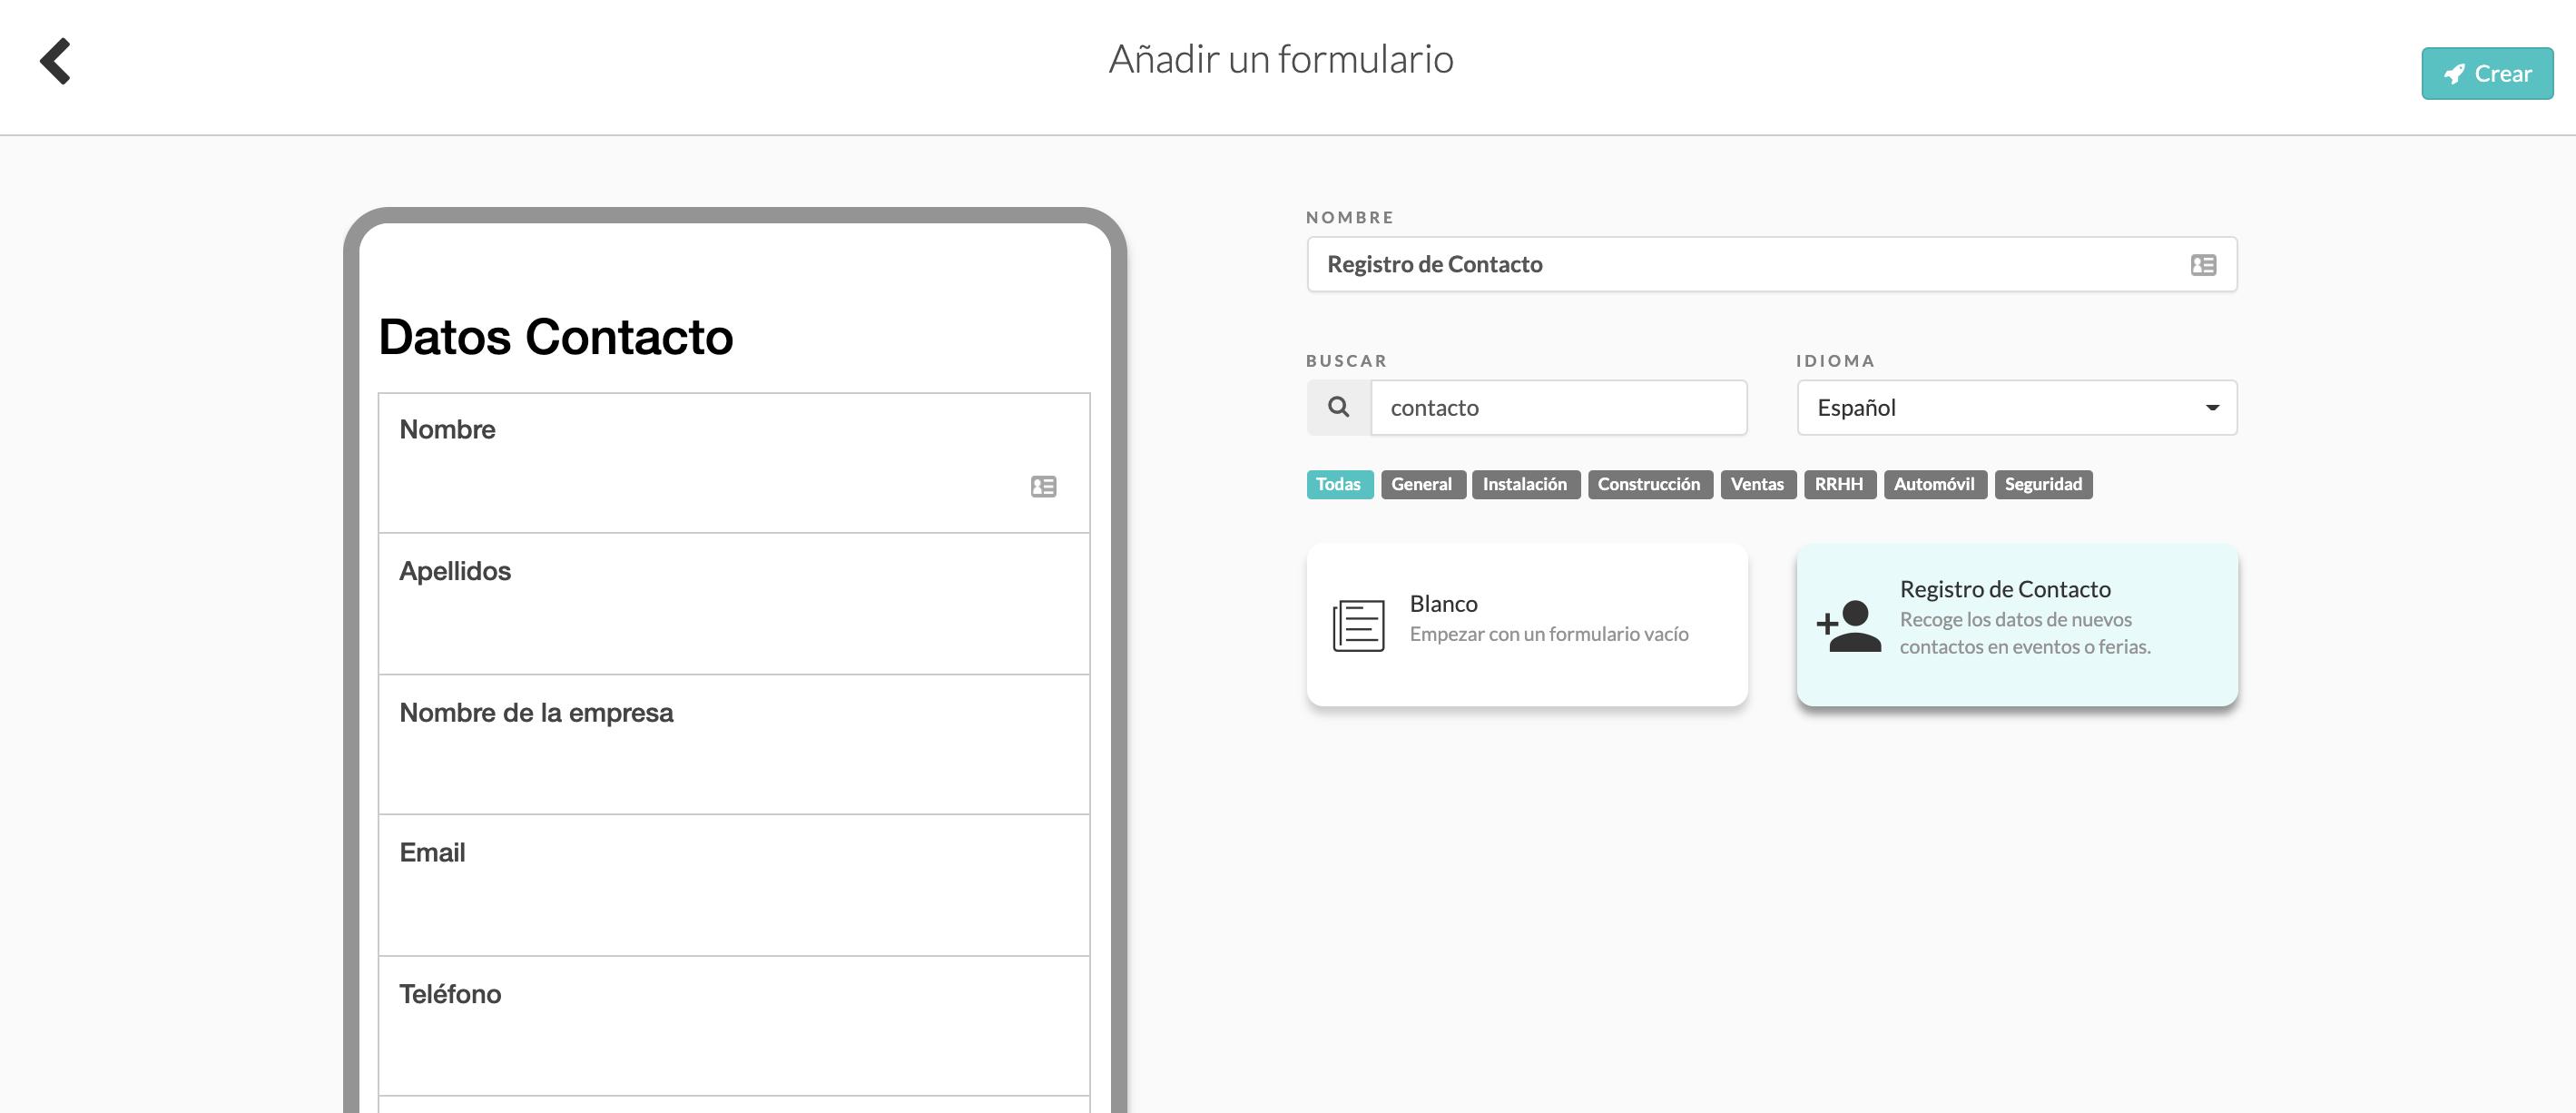 Formulario Registro de Contacto MoreApp